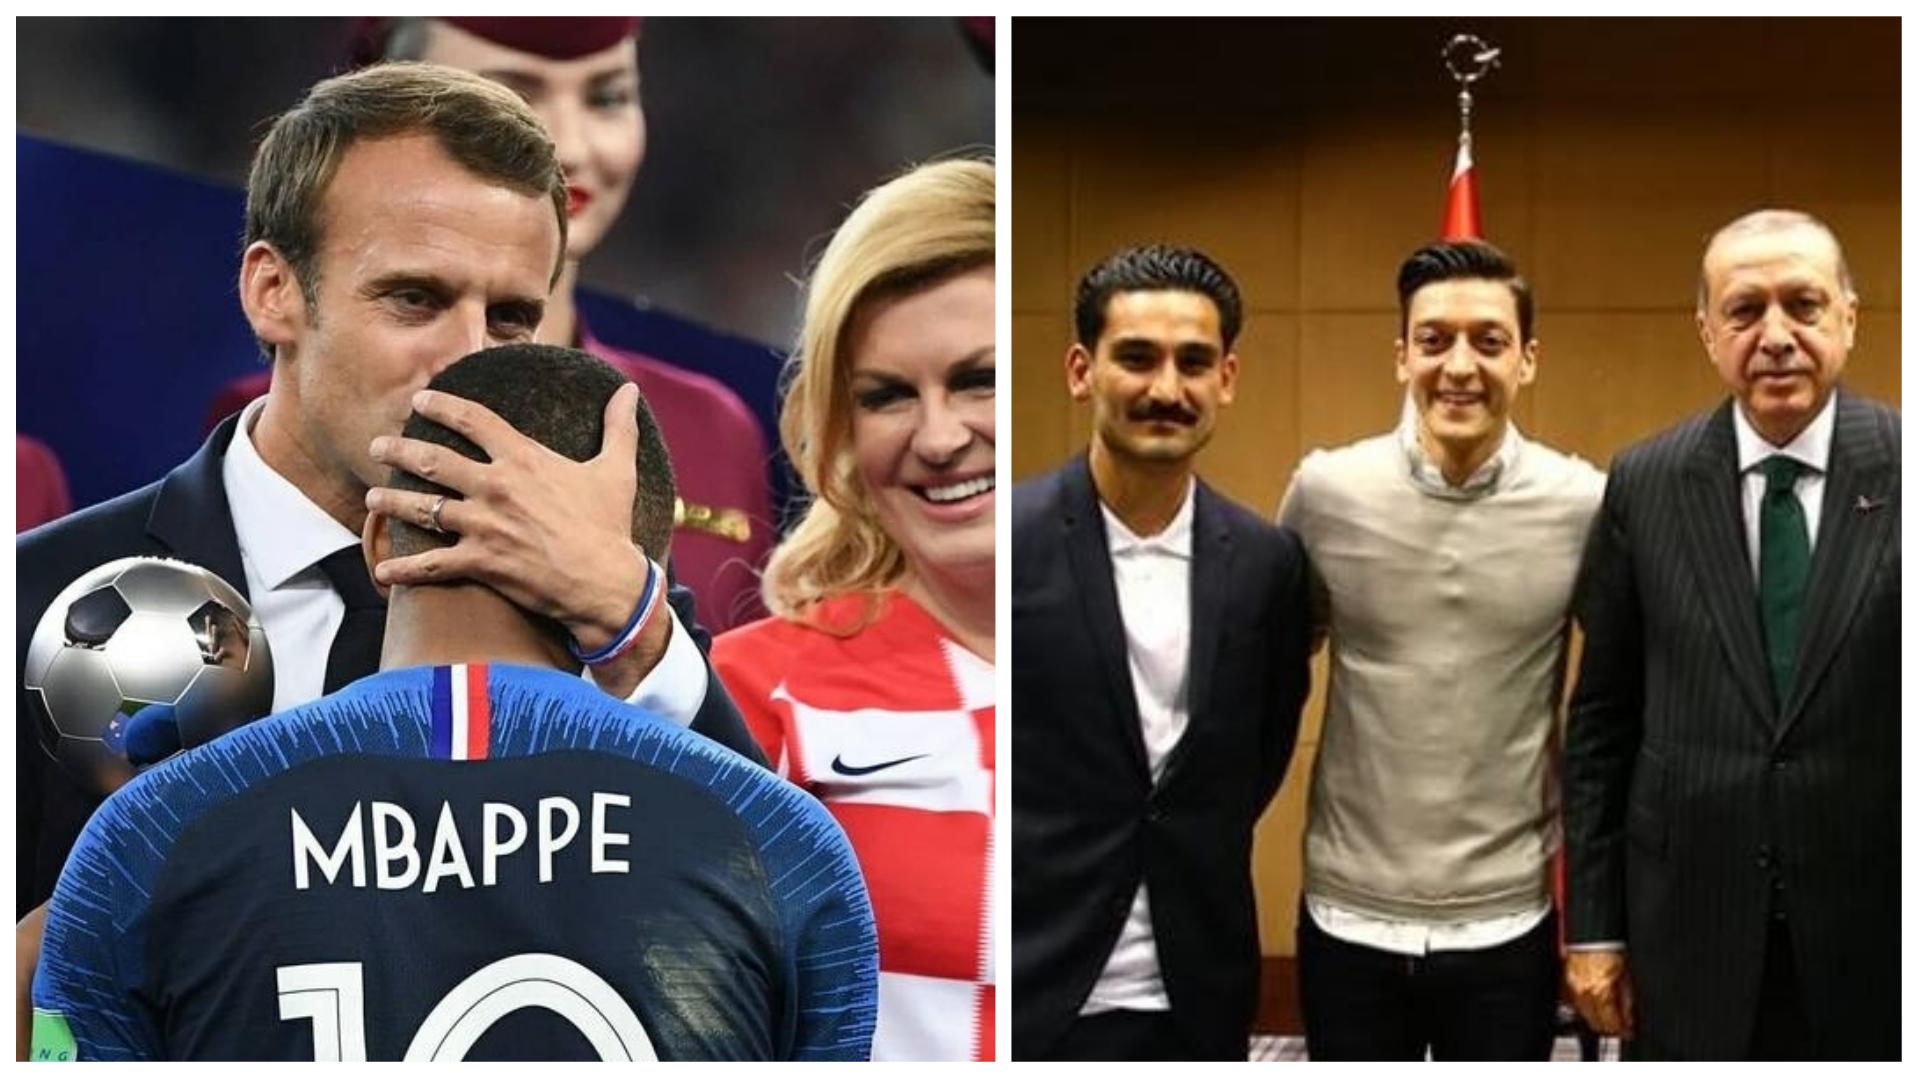 Kylian Mbappé mesut özil ozil alemanha frança turquia copa do mundo preconceito xenofobia imigrante imigração sociedade política futebol